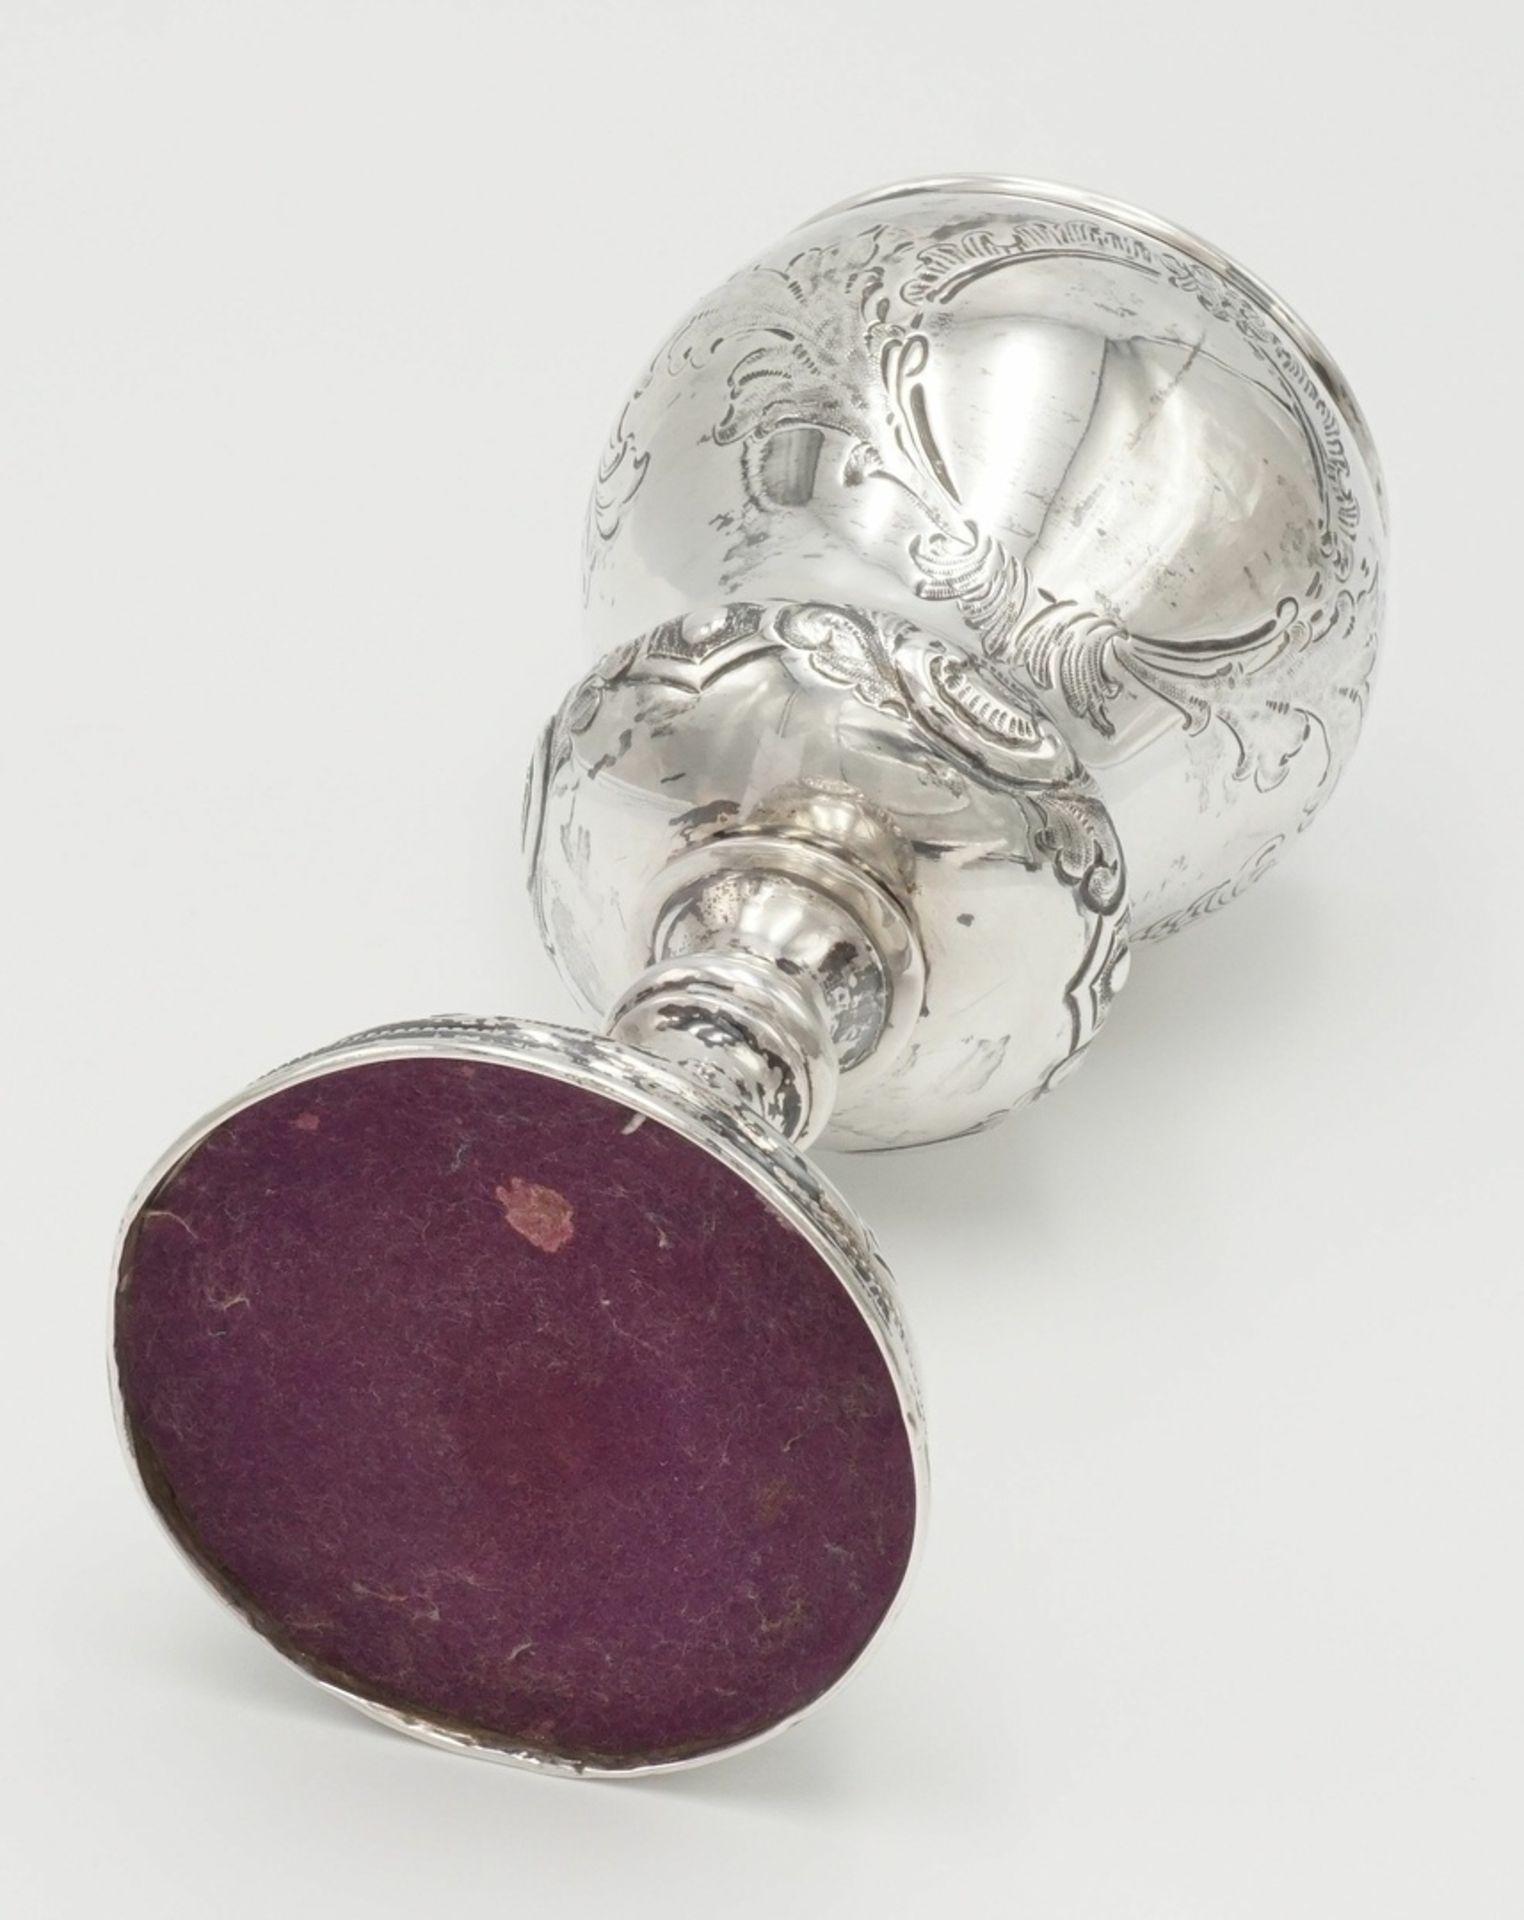 Reich verzierter Silberpokal - Bild 3 aus 4